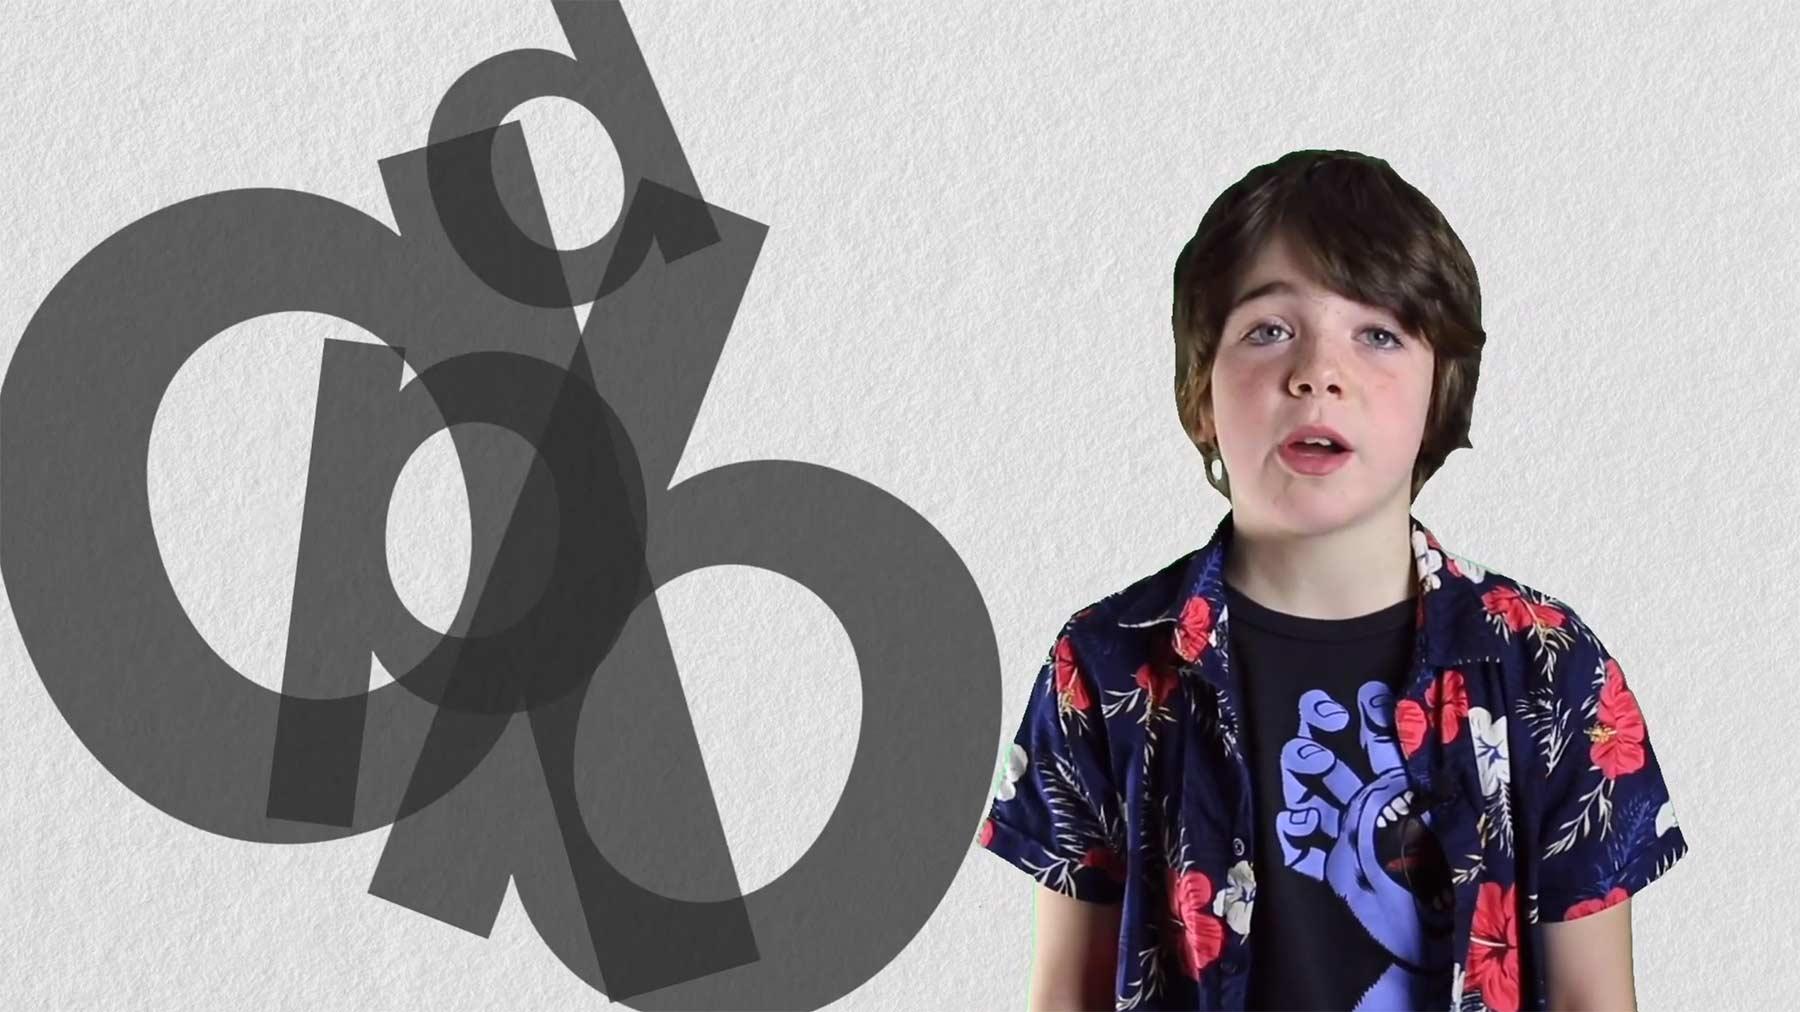 Kind erklärt Legasthenie in unterhaltsamer Schul-Präsentation video-ueber-Legasthenie